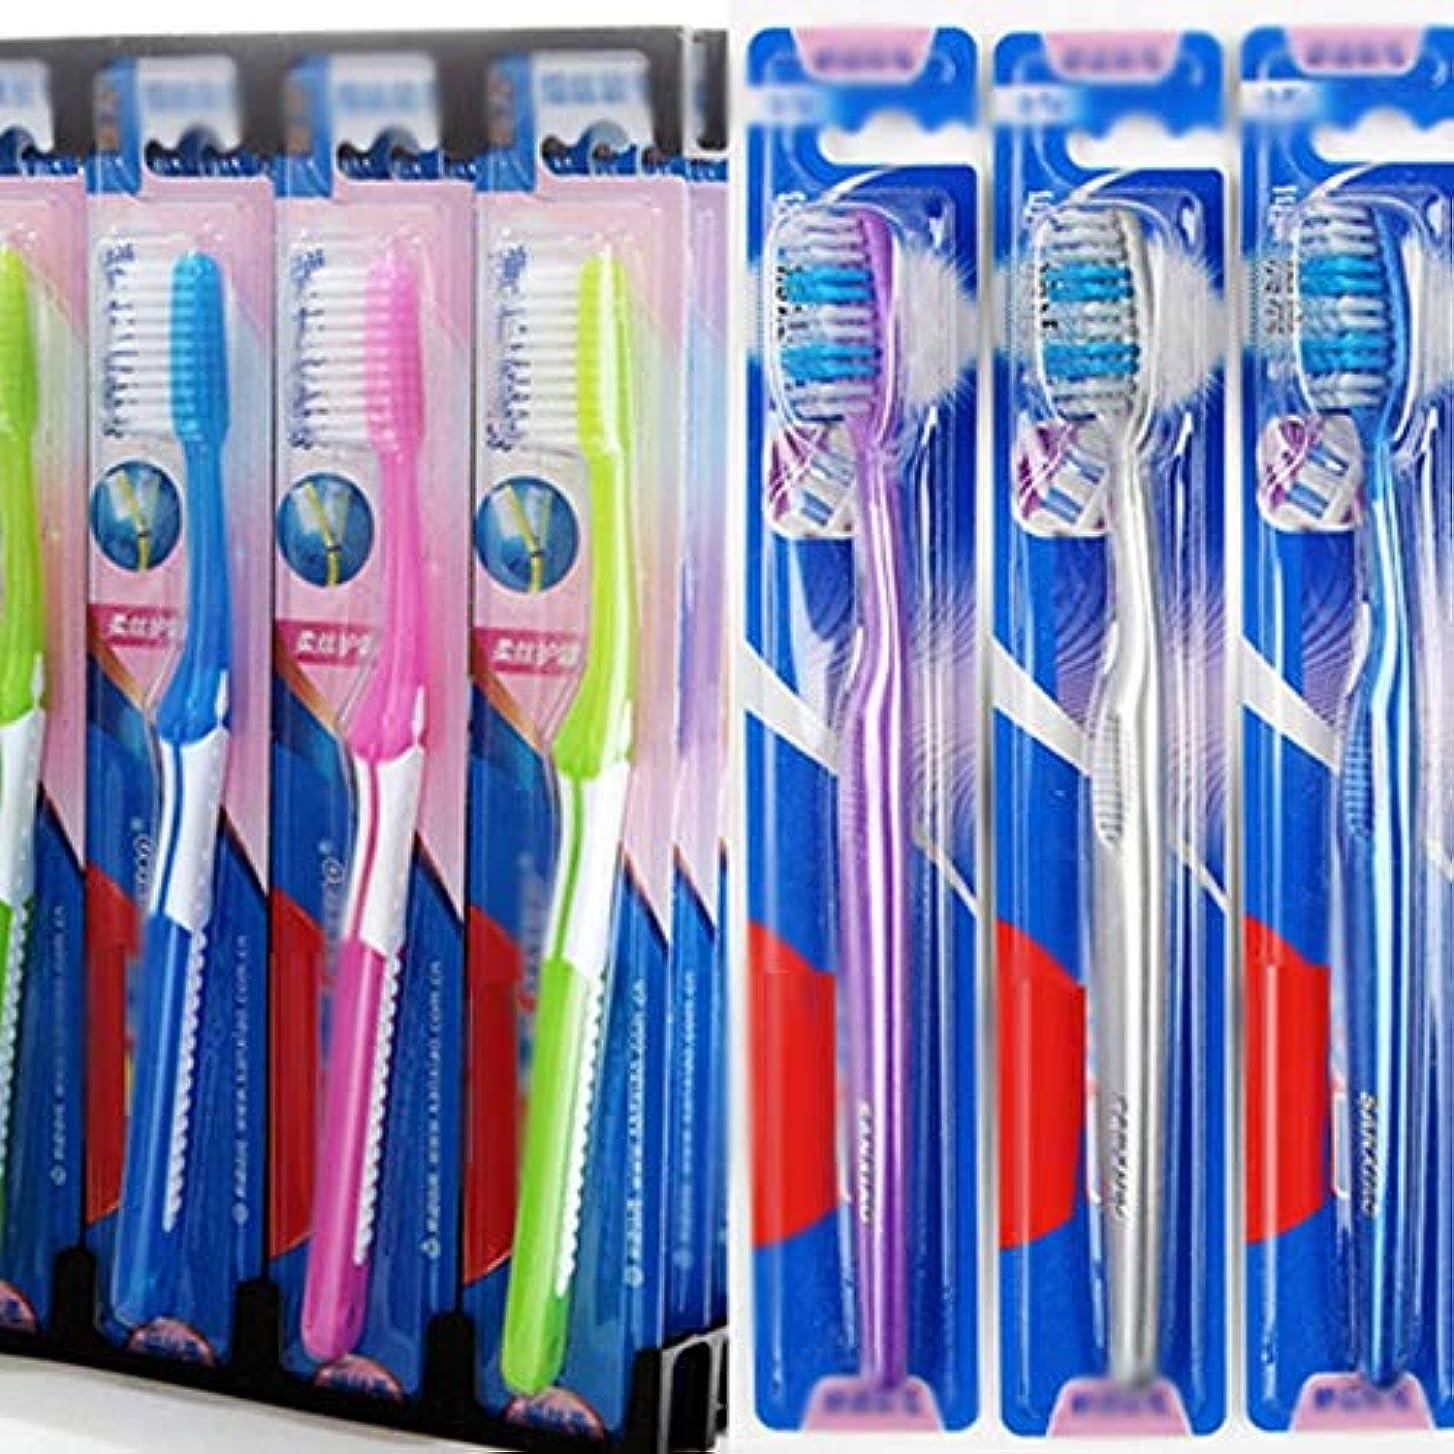 ペデスタルシリンダースペクトラム歯ブラシ 30本のバルク歯ブラシ、ソフト毛歯ブラシ、歯科衛生の深いクリーニング - 使用可能なスタイルの3種類 HL (色 : A, サイズ : 30 packs)